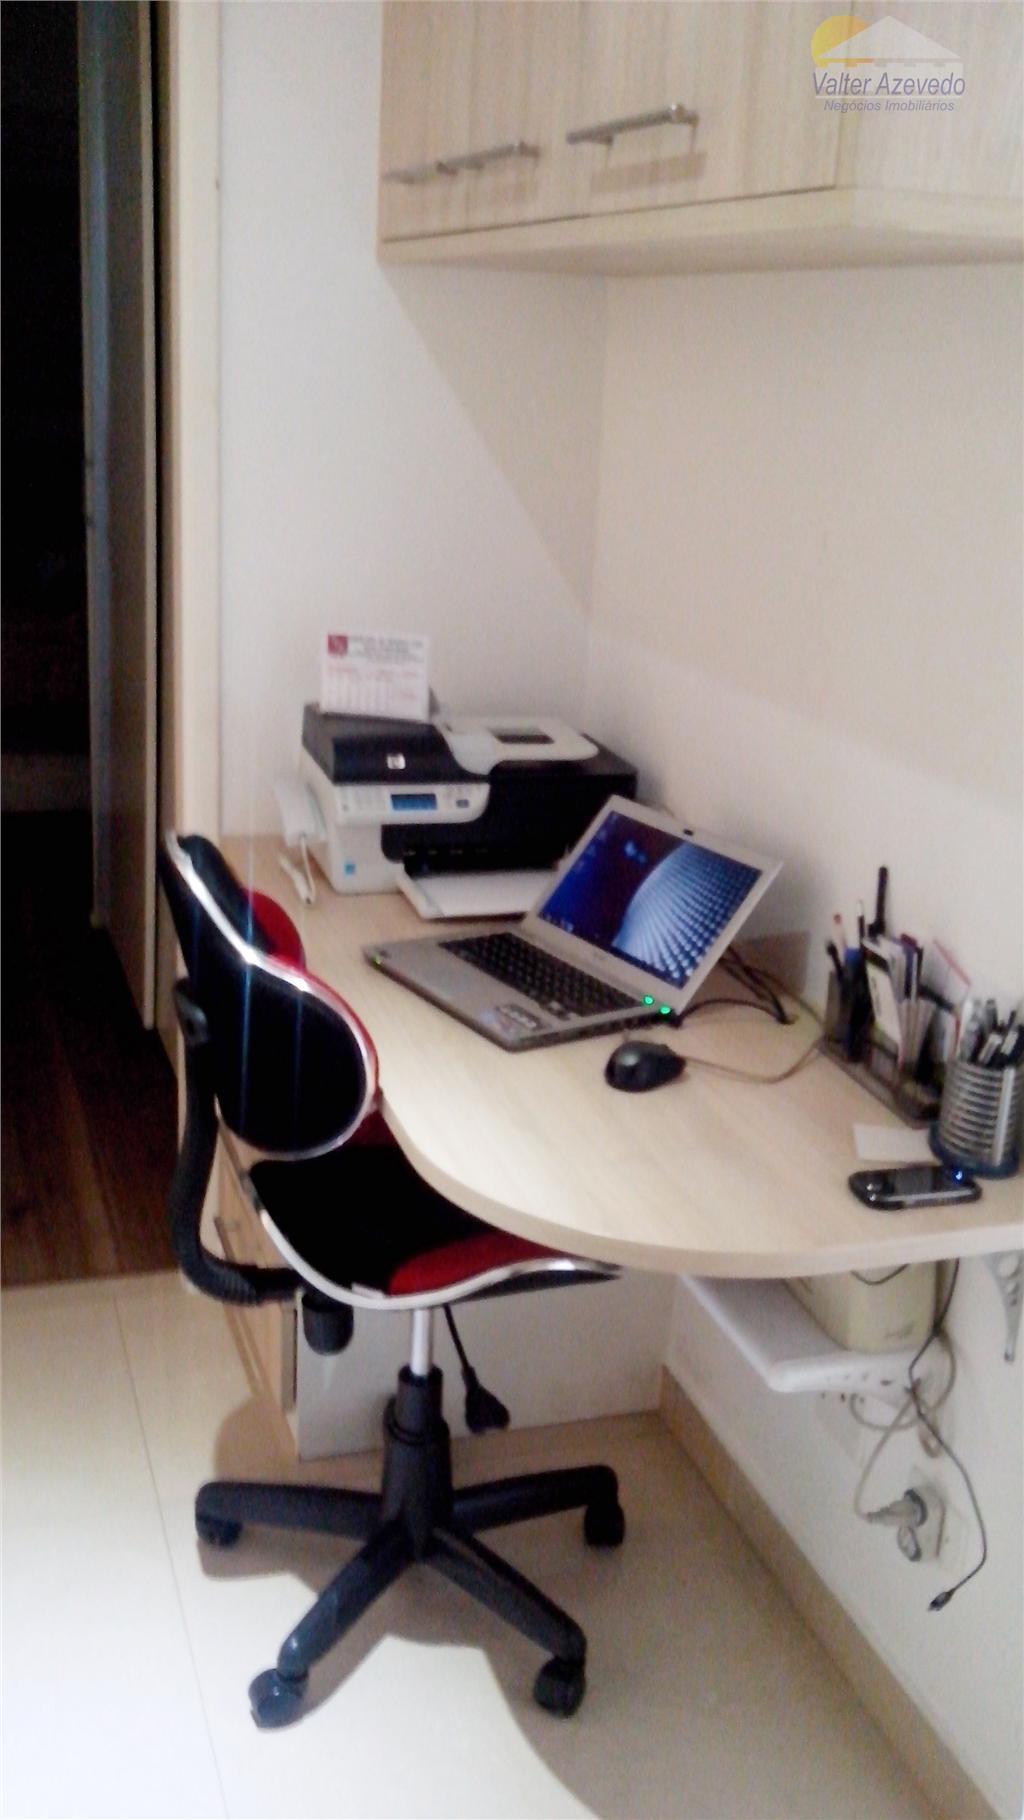 apartamento santana prédio novo !!! mobiliado , 126 m² , 3 dormitórios com suítes , closet...